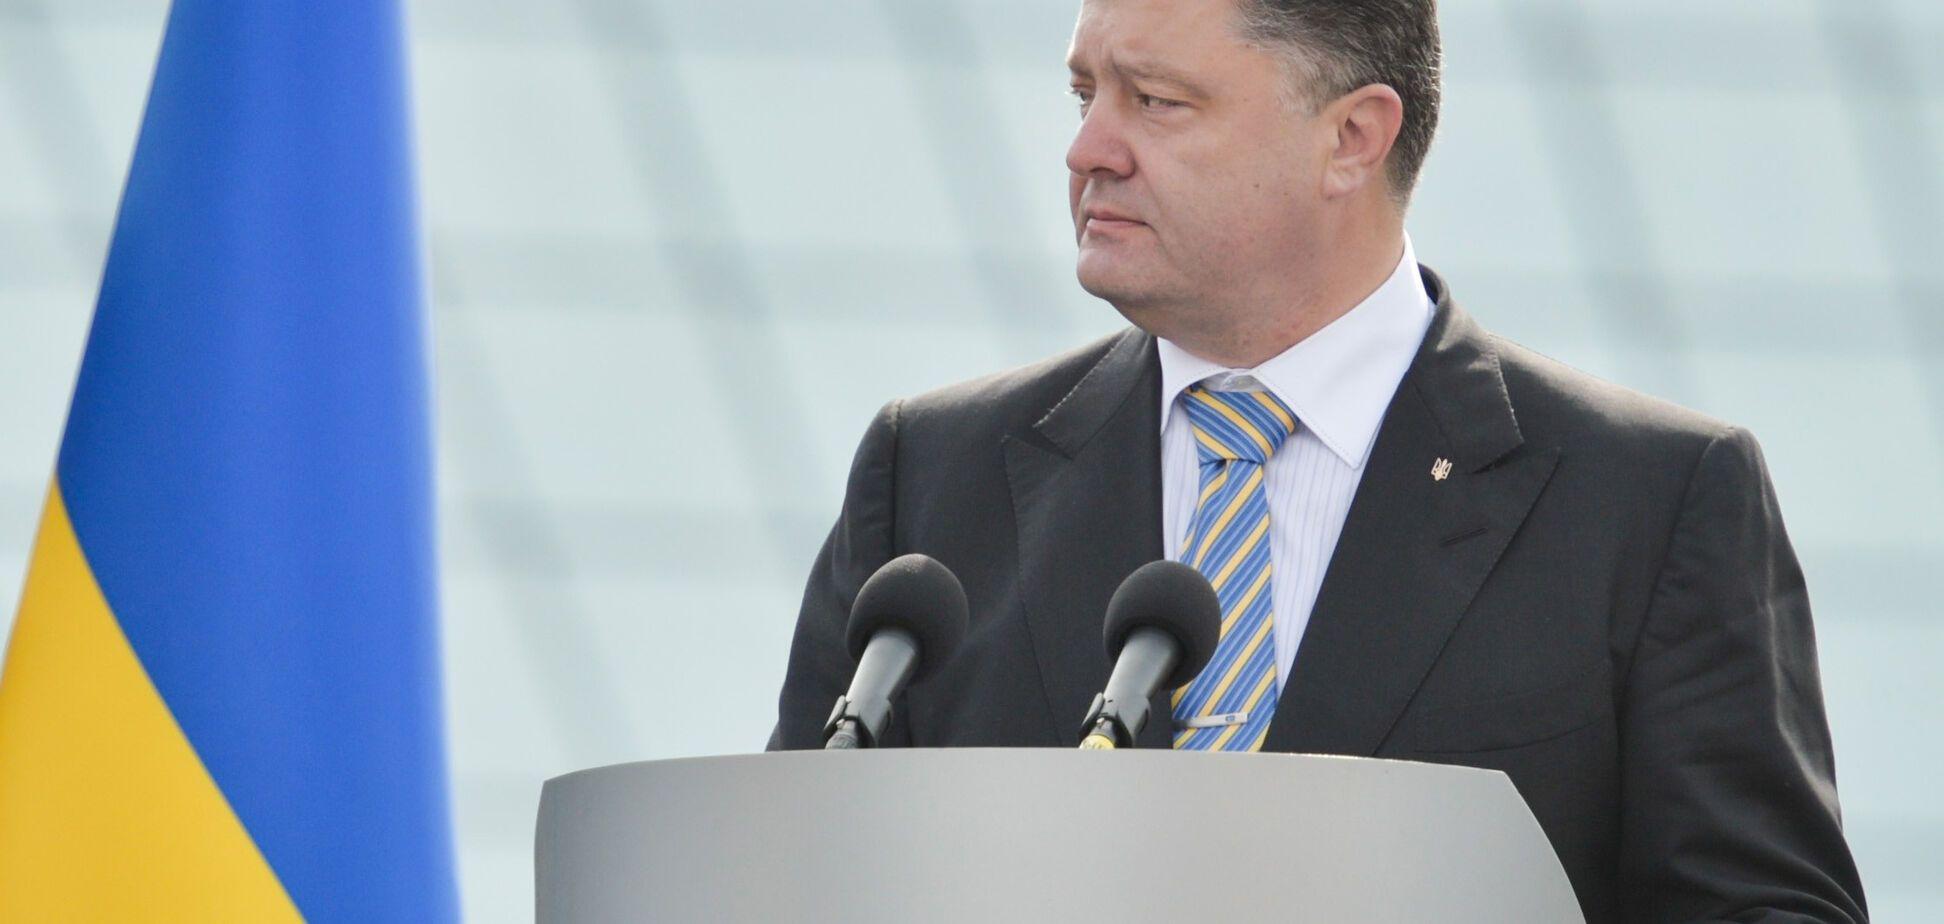 Порошенко назвал рецепт действенного противоядия от федерализации Украины